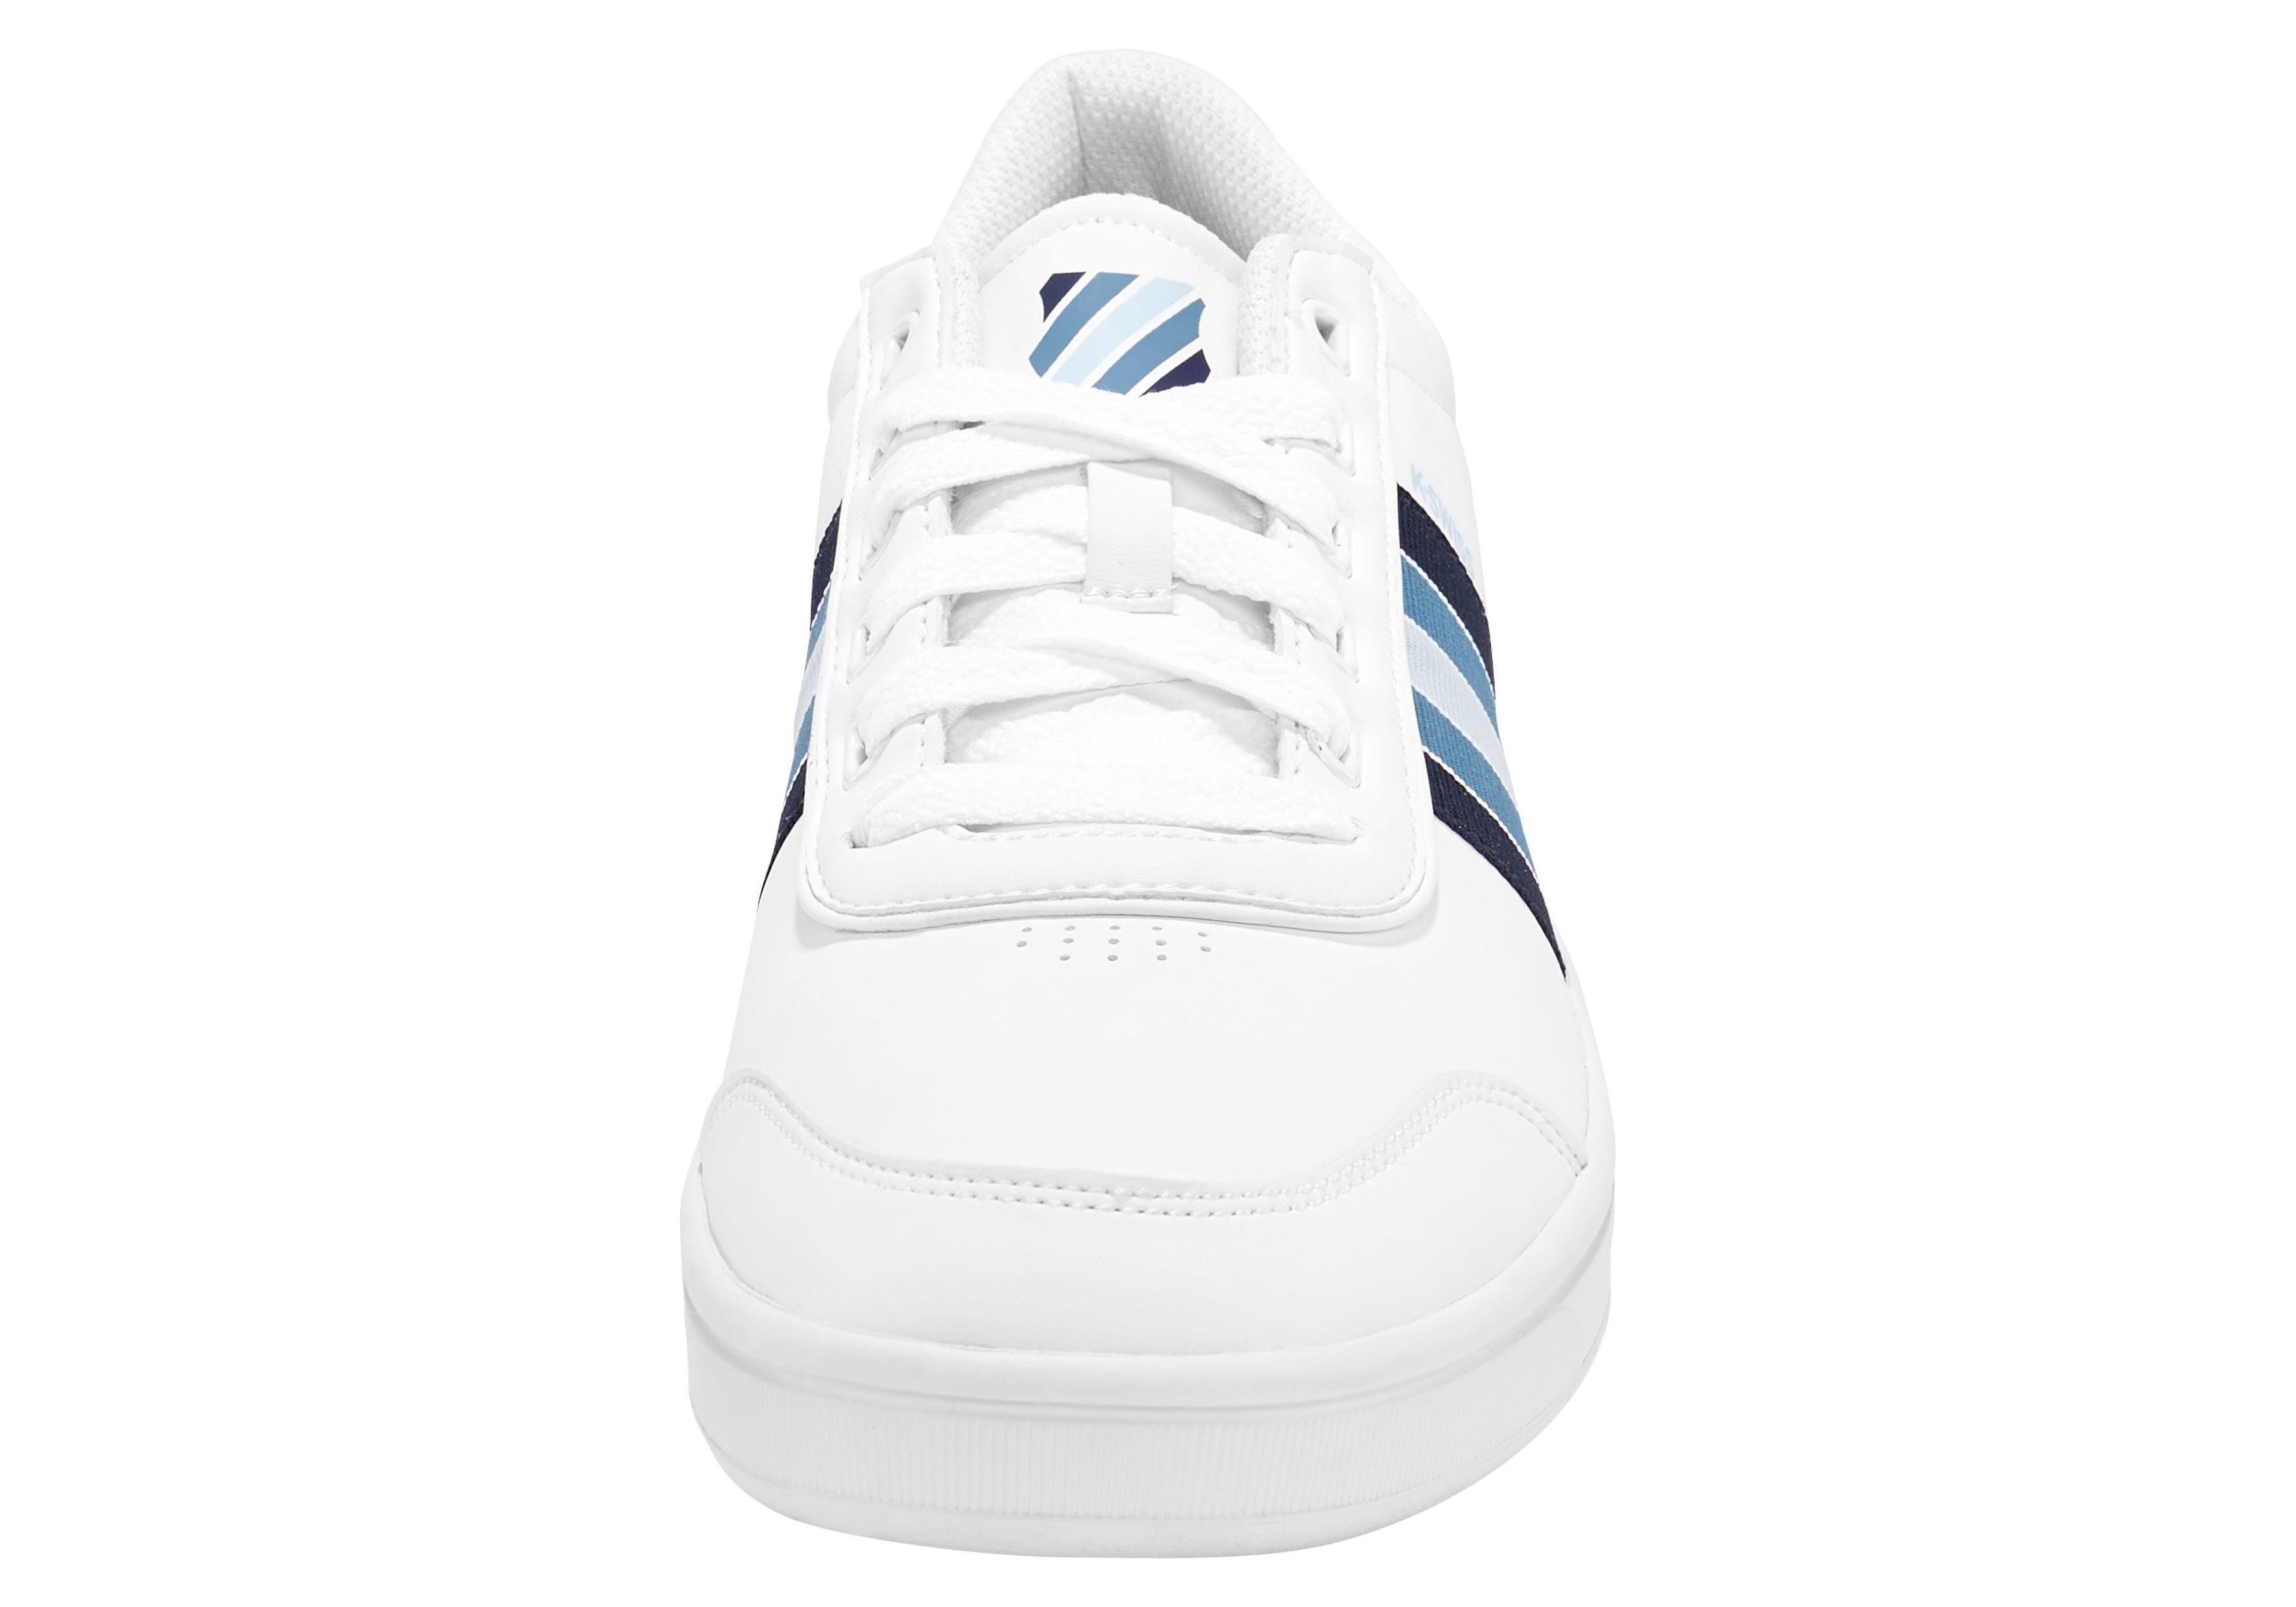 K-swiss Sneakers Court Clarkson S Makkelijk Besteld - Geweldige Prijs